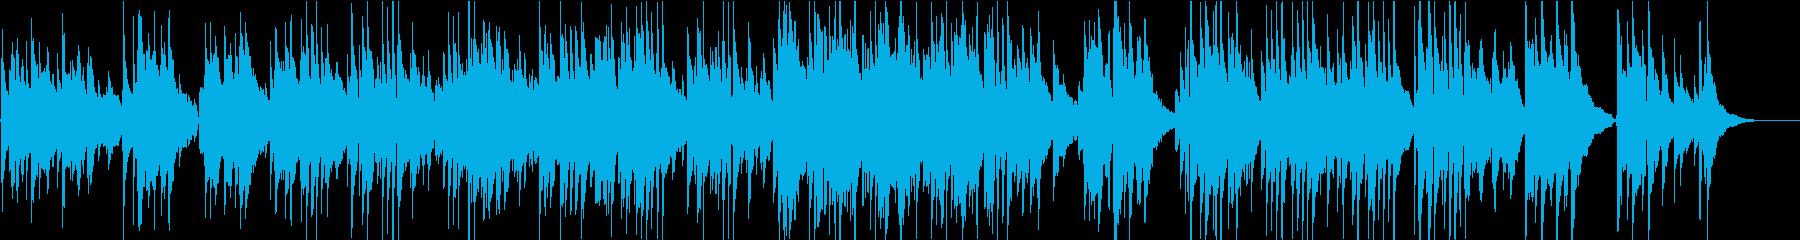 シンプルなアコギのみのスカボローフェア の再生済みの波形